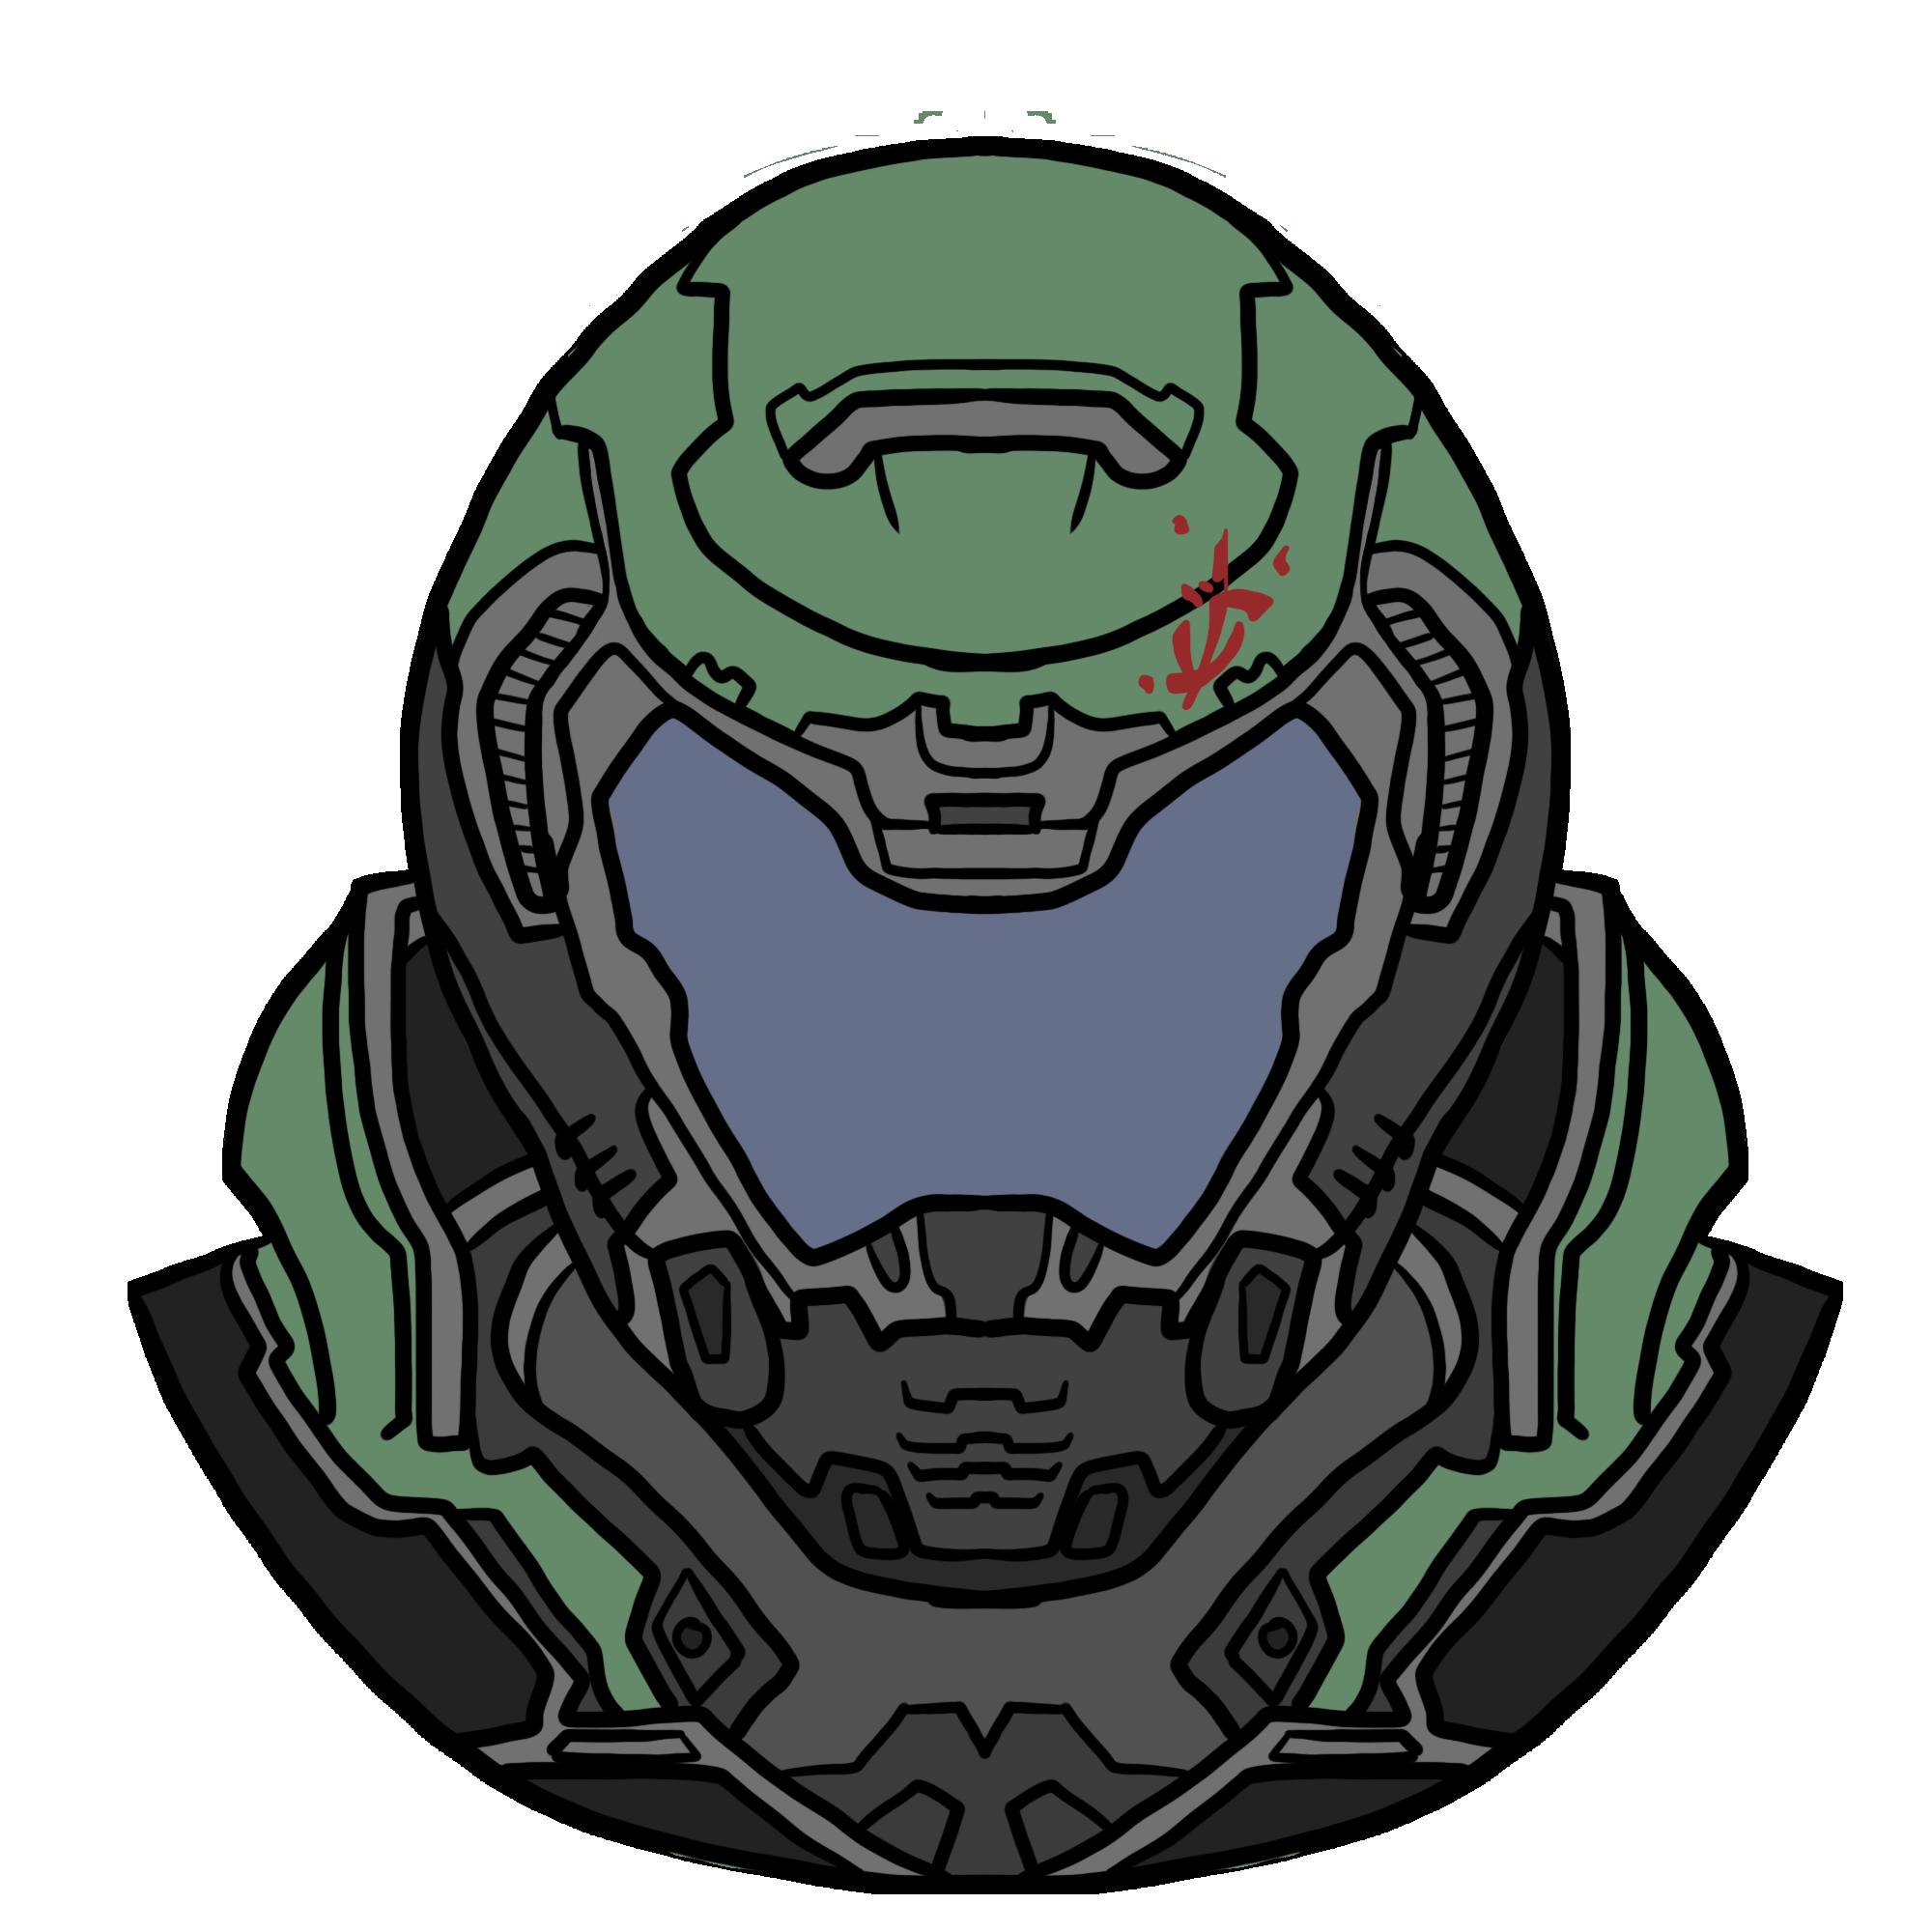 I Drew A Doomguy For My Future Sticker Shop Doom